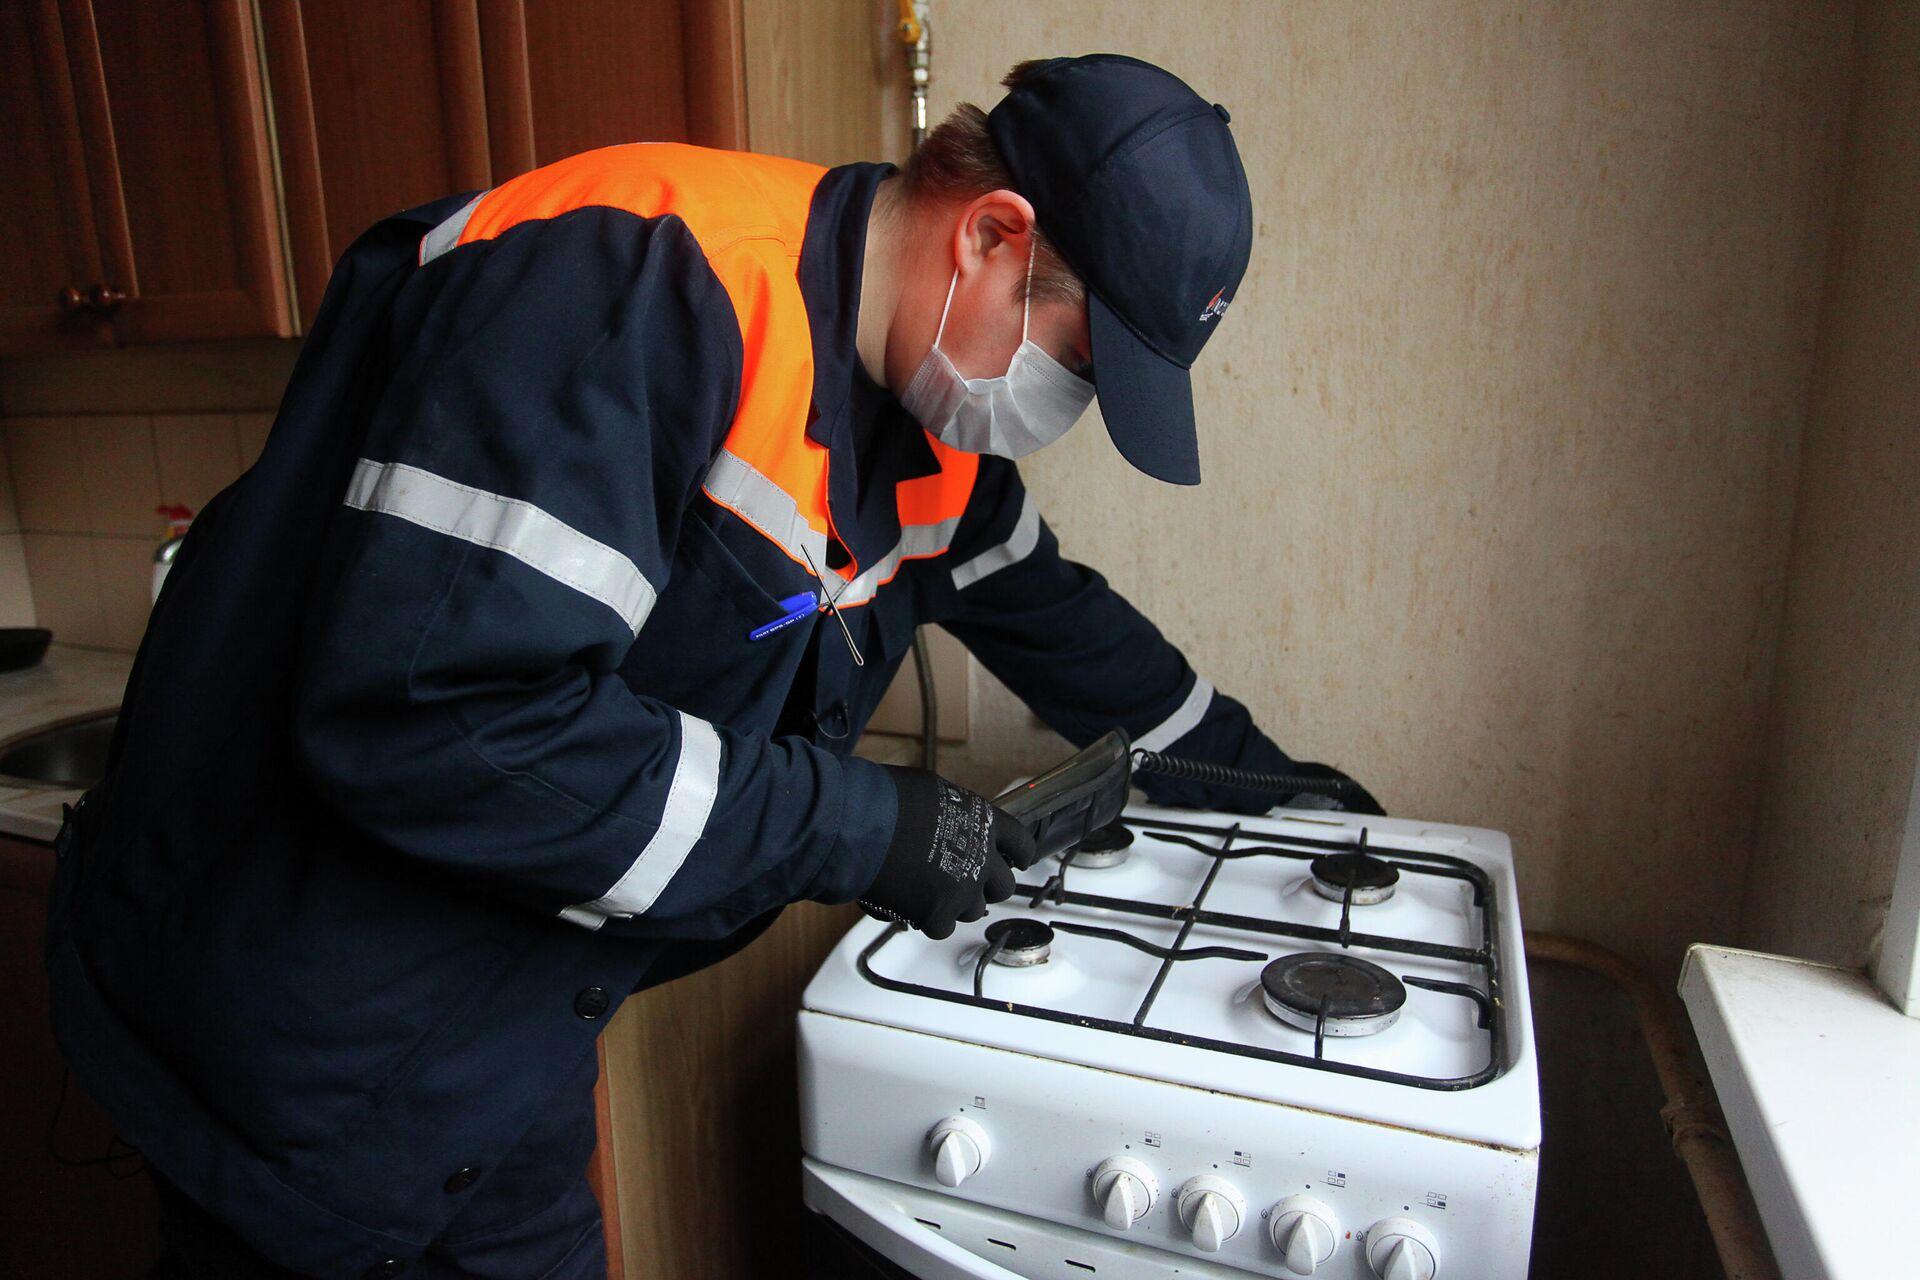 Сотрудник Мосгаза выполняет внеплановый осмотр газового оборудования в домах - РИА Новости, 1920, 18.09.2020